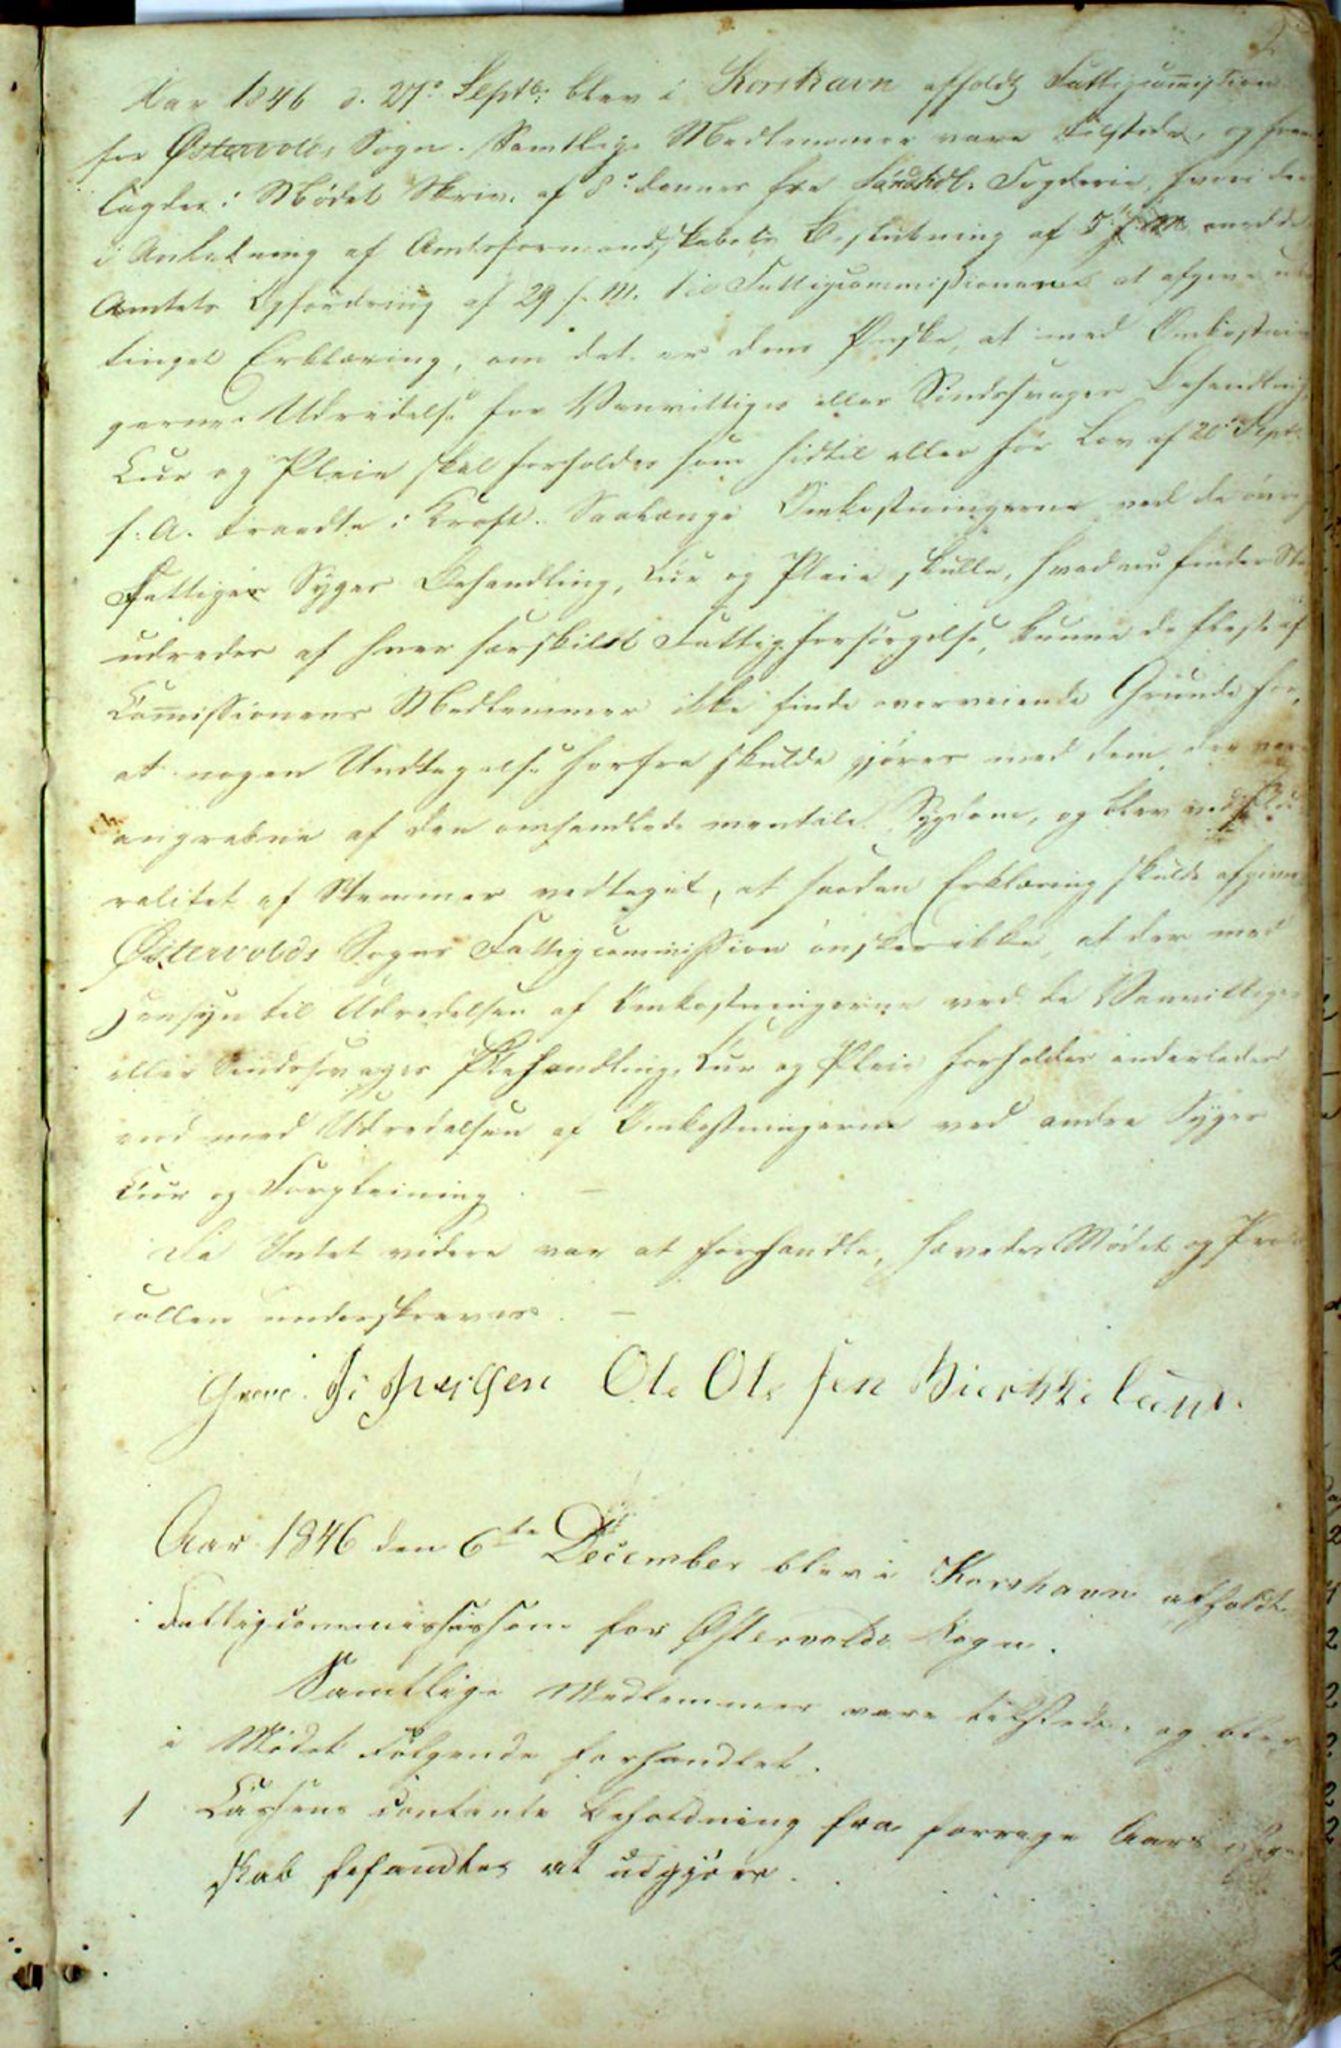 IKAH, Austevoll kommune. Fattigstyret, A/Aa/L0001: Møtebok for Møgster fattigkommisjon / fattigstyre, 1846-1922, s. 2a